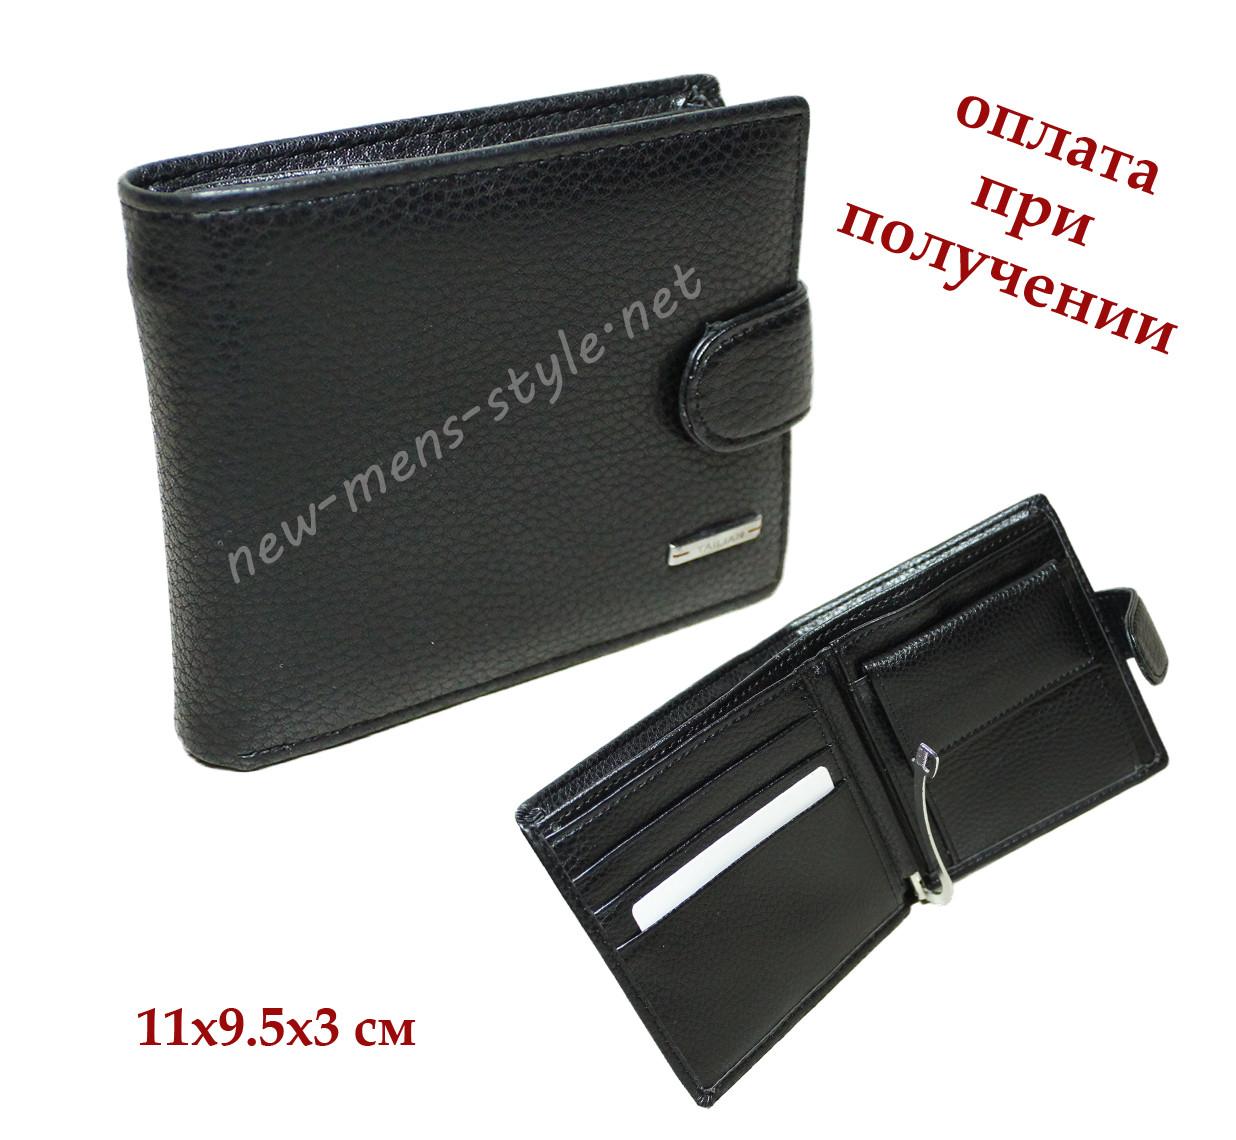 Мужской из натуральной кожи кожаный кошелек портмоне TAILIAN с зажимом для денег